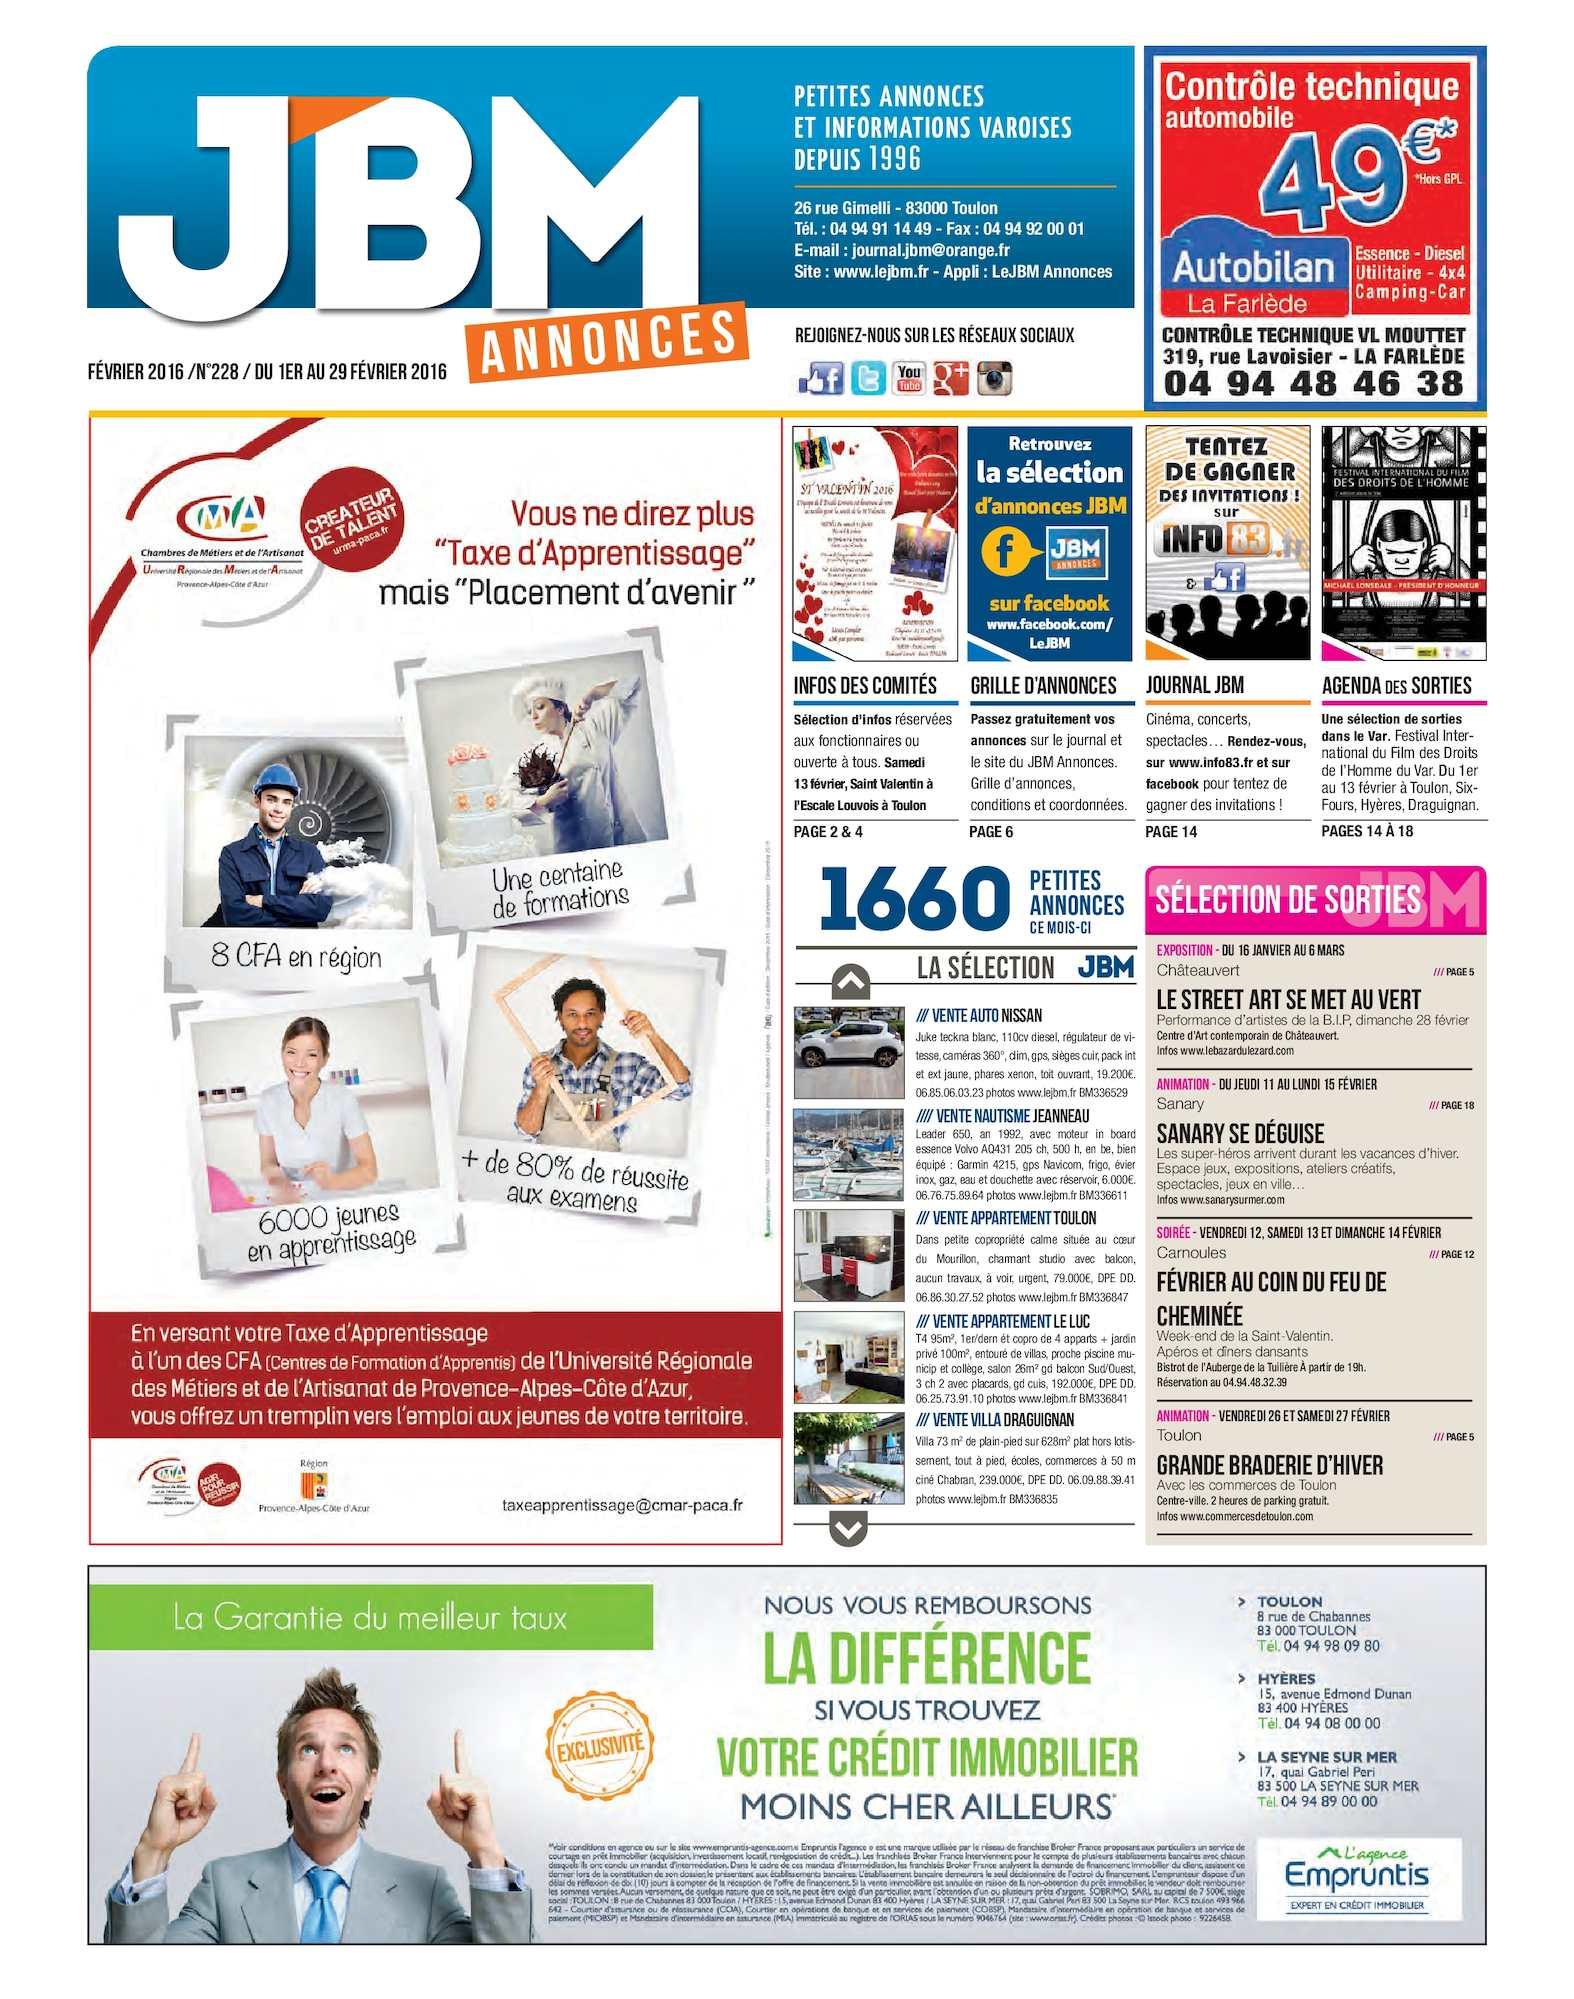 JBM 2016 Journal Février Annonces n°228 Calaméo eWoCBxrd